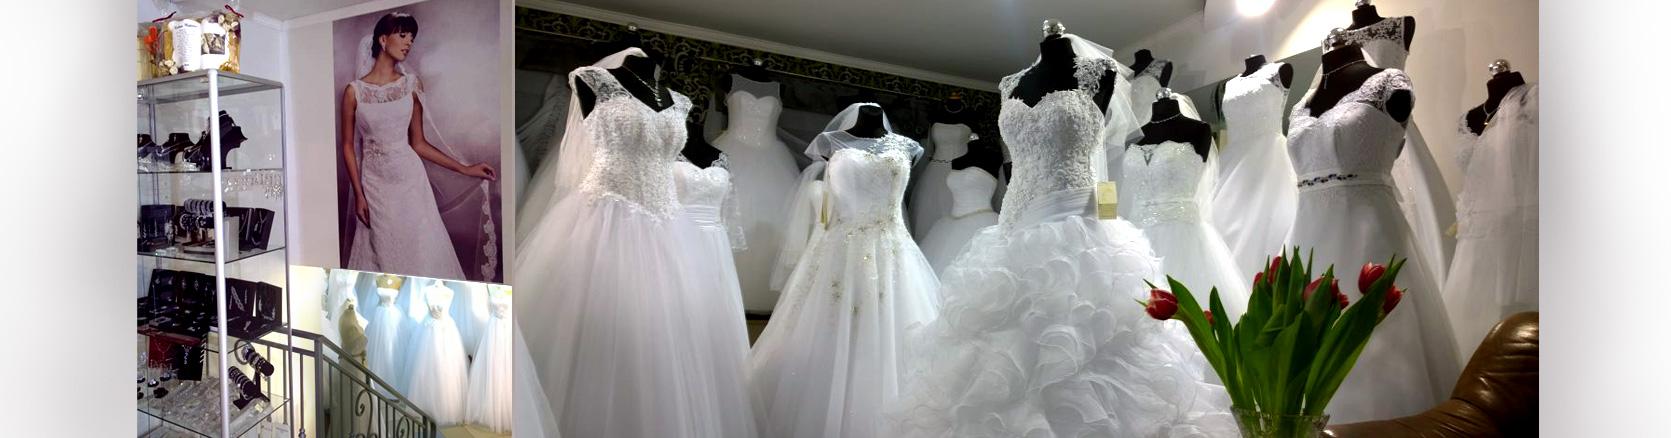 Sklep sukien ślubnych